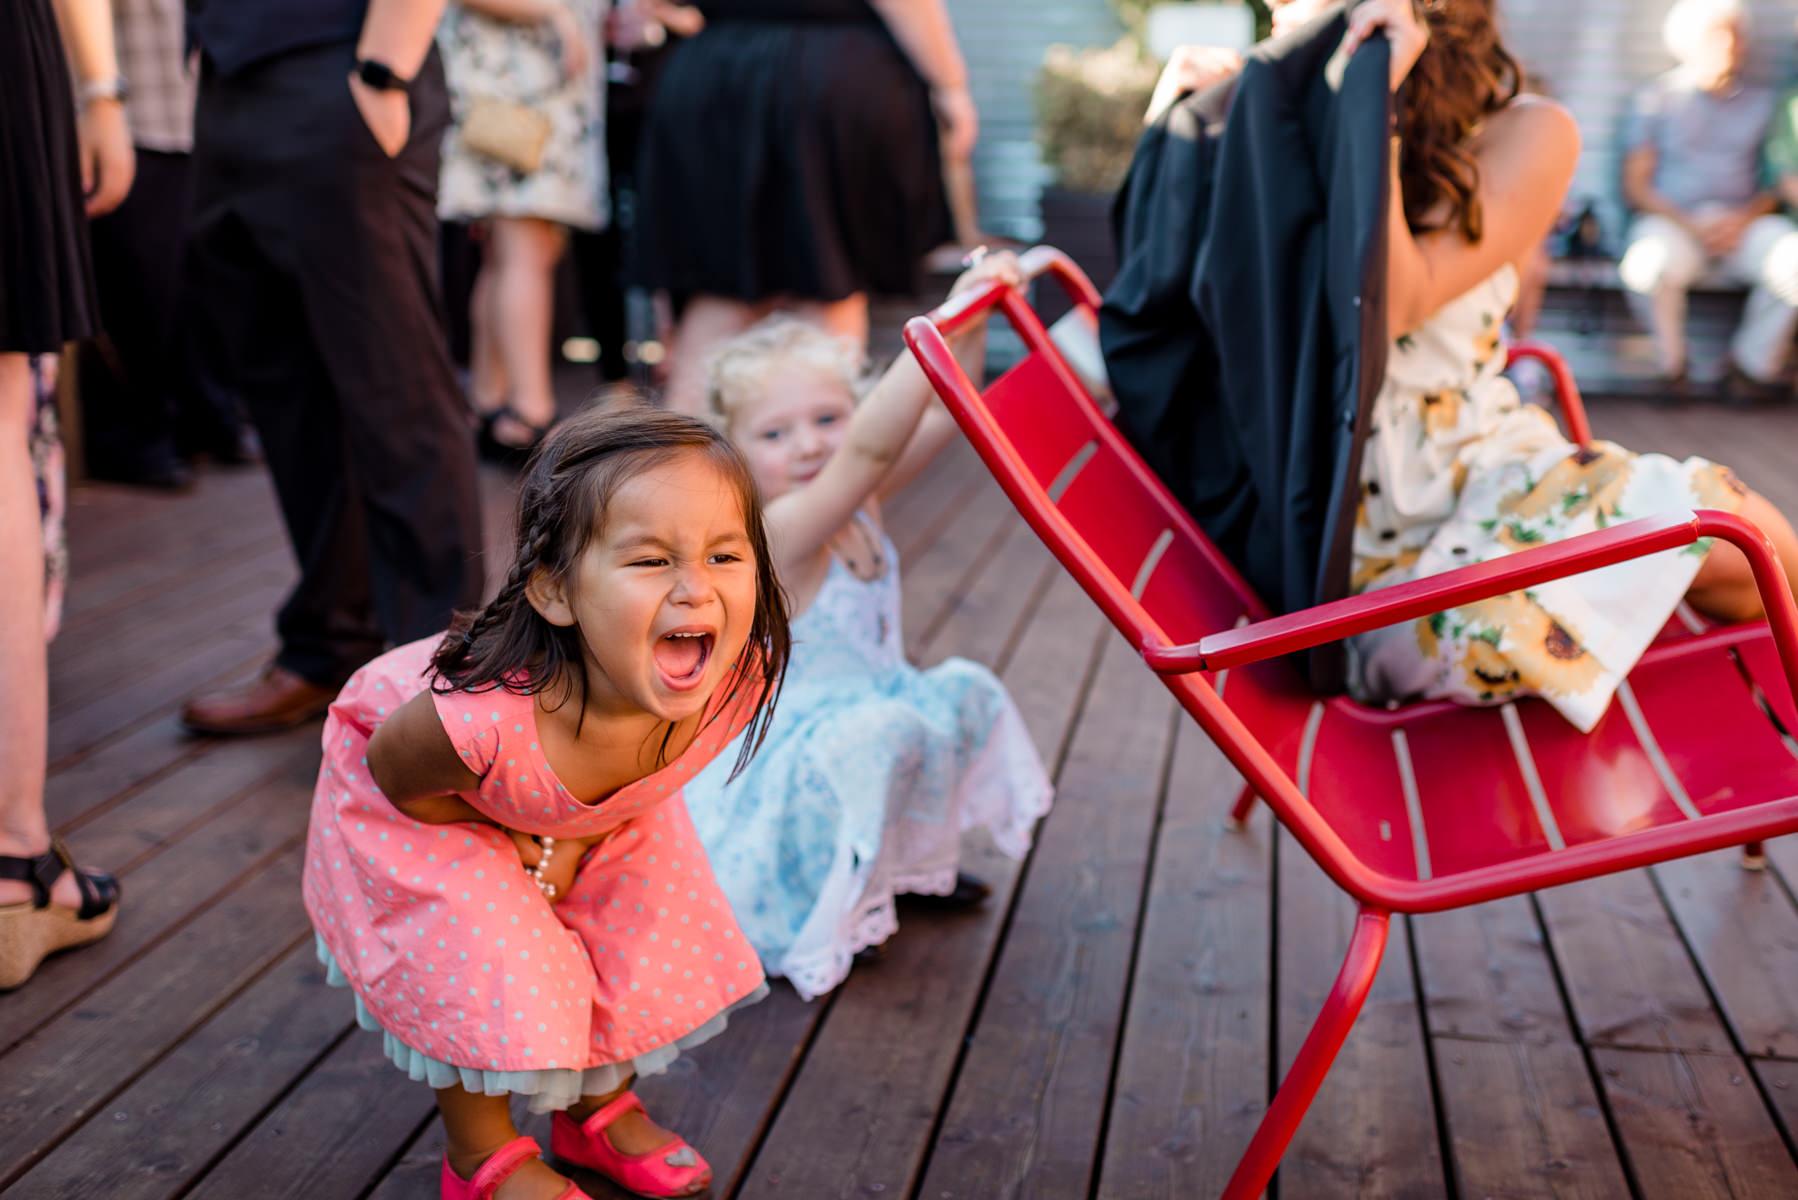 Andrew Tat - Documentary Wedding Photography - WithinSodo - Seattle, Washington -Hilary & Zach - 14.jpg